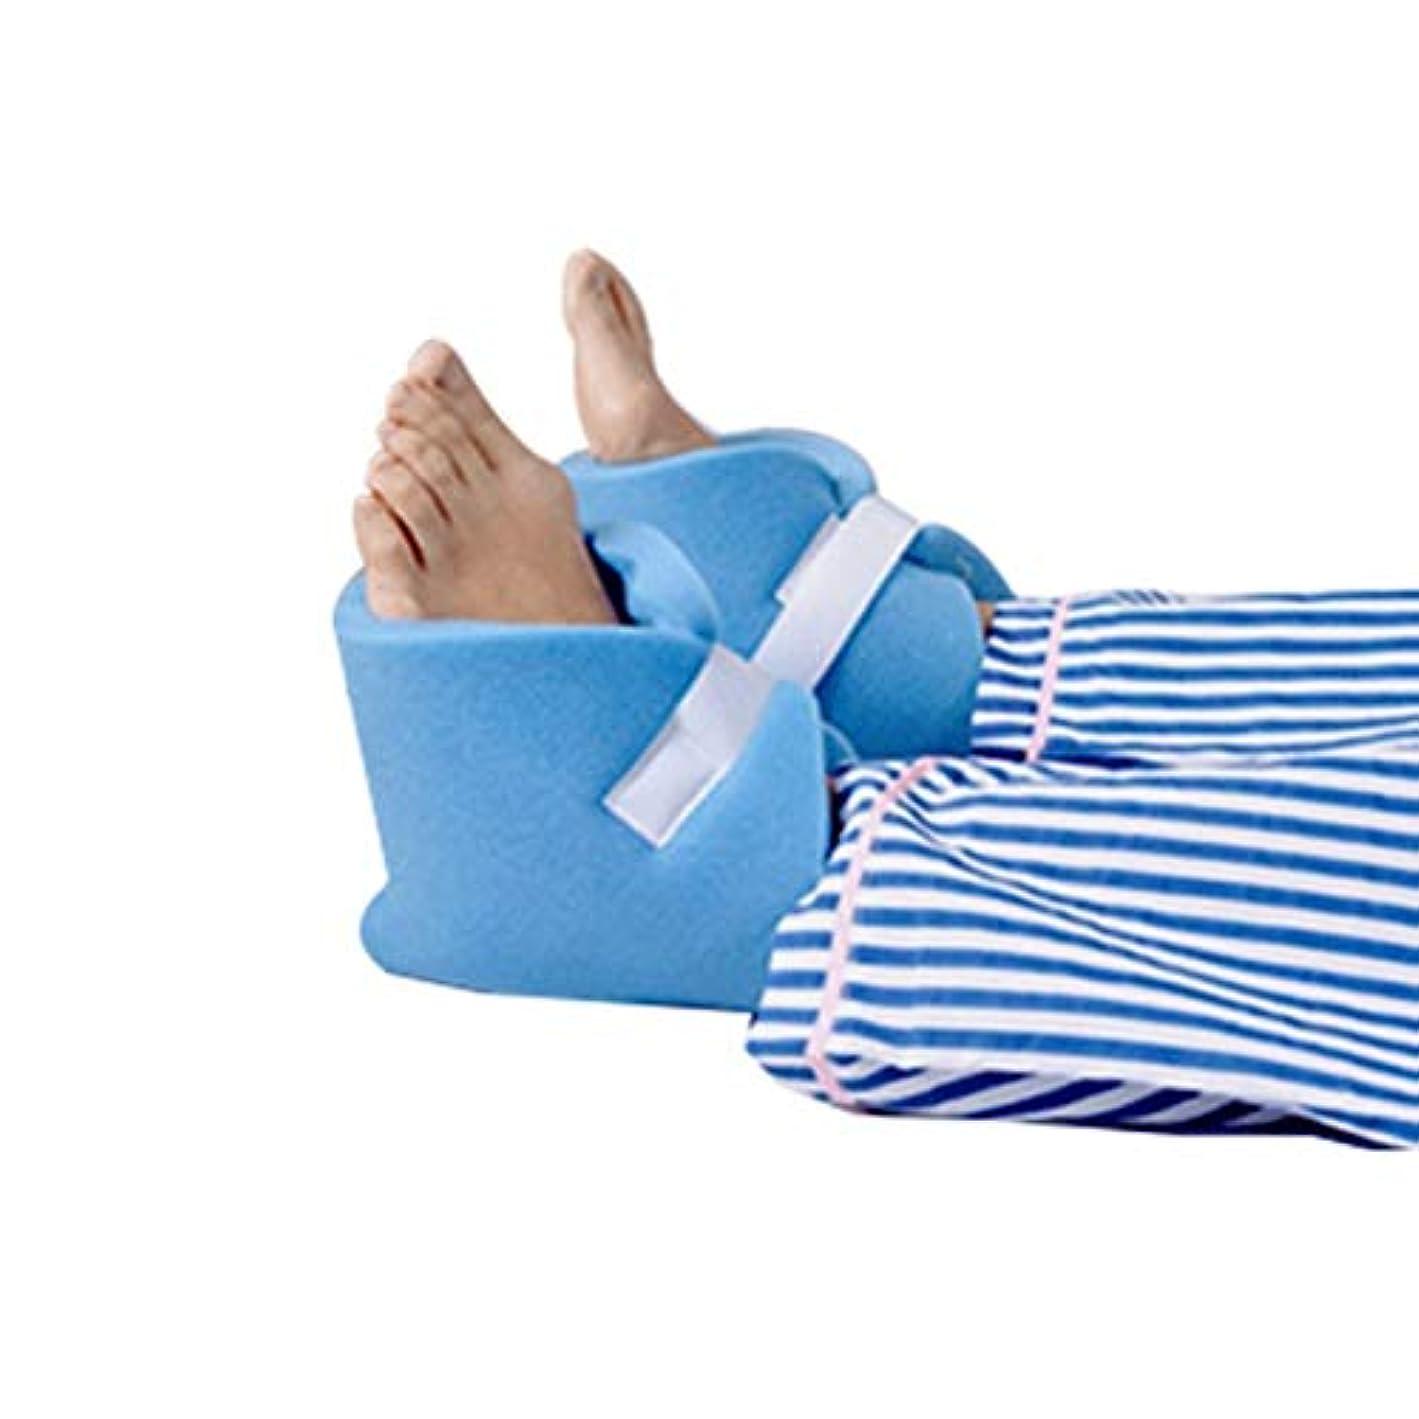 中断学んだ接地フォームヒールクッション、Pressure瘡予防のための足首プロテクター、デラックスワンペア(ブルー)